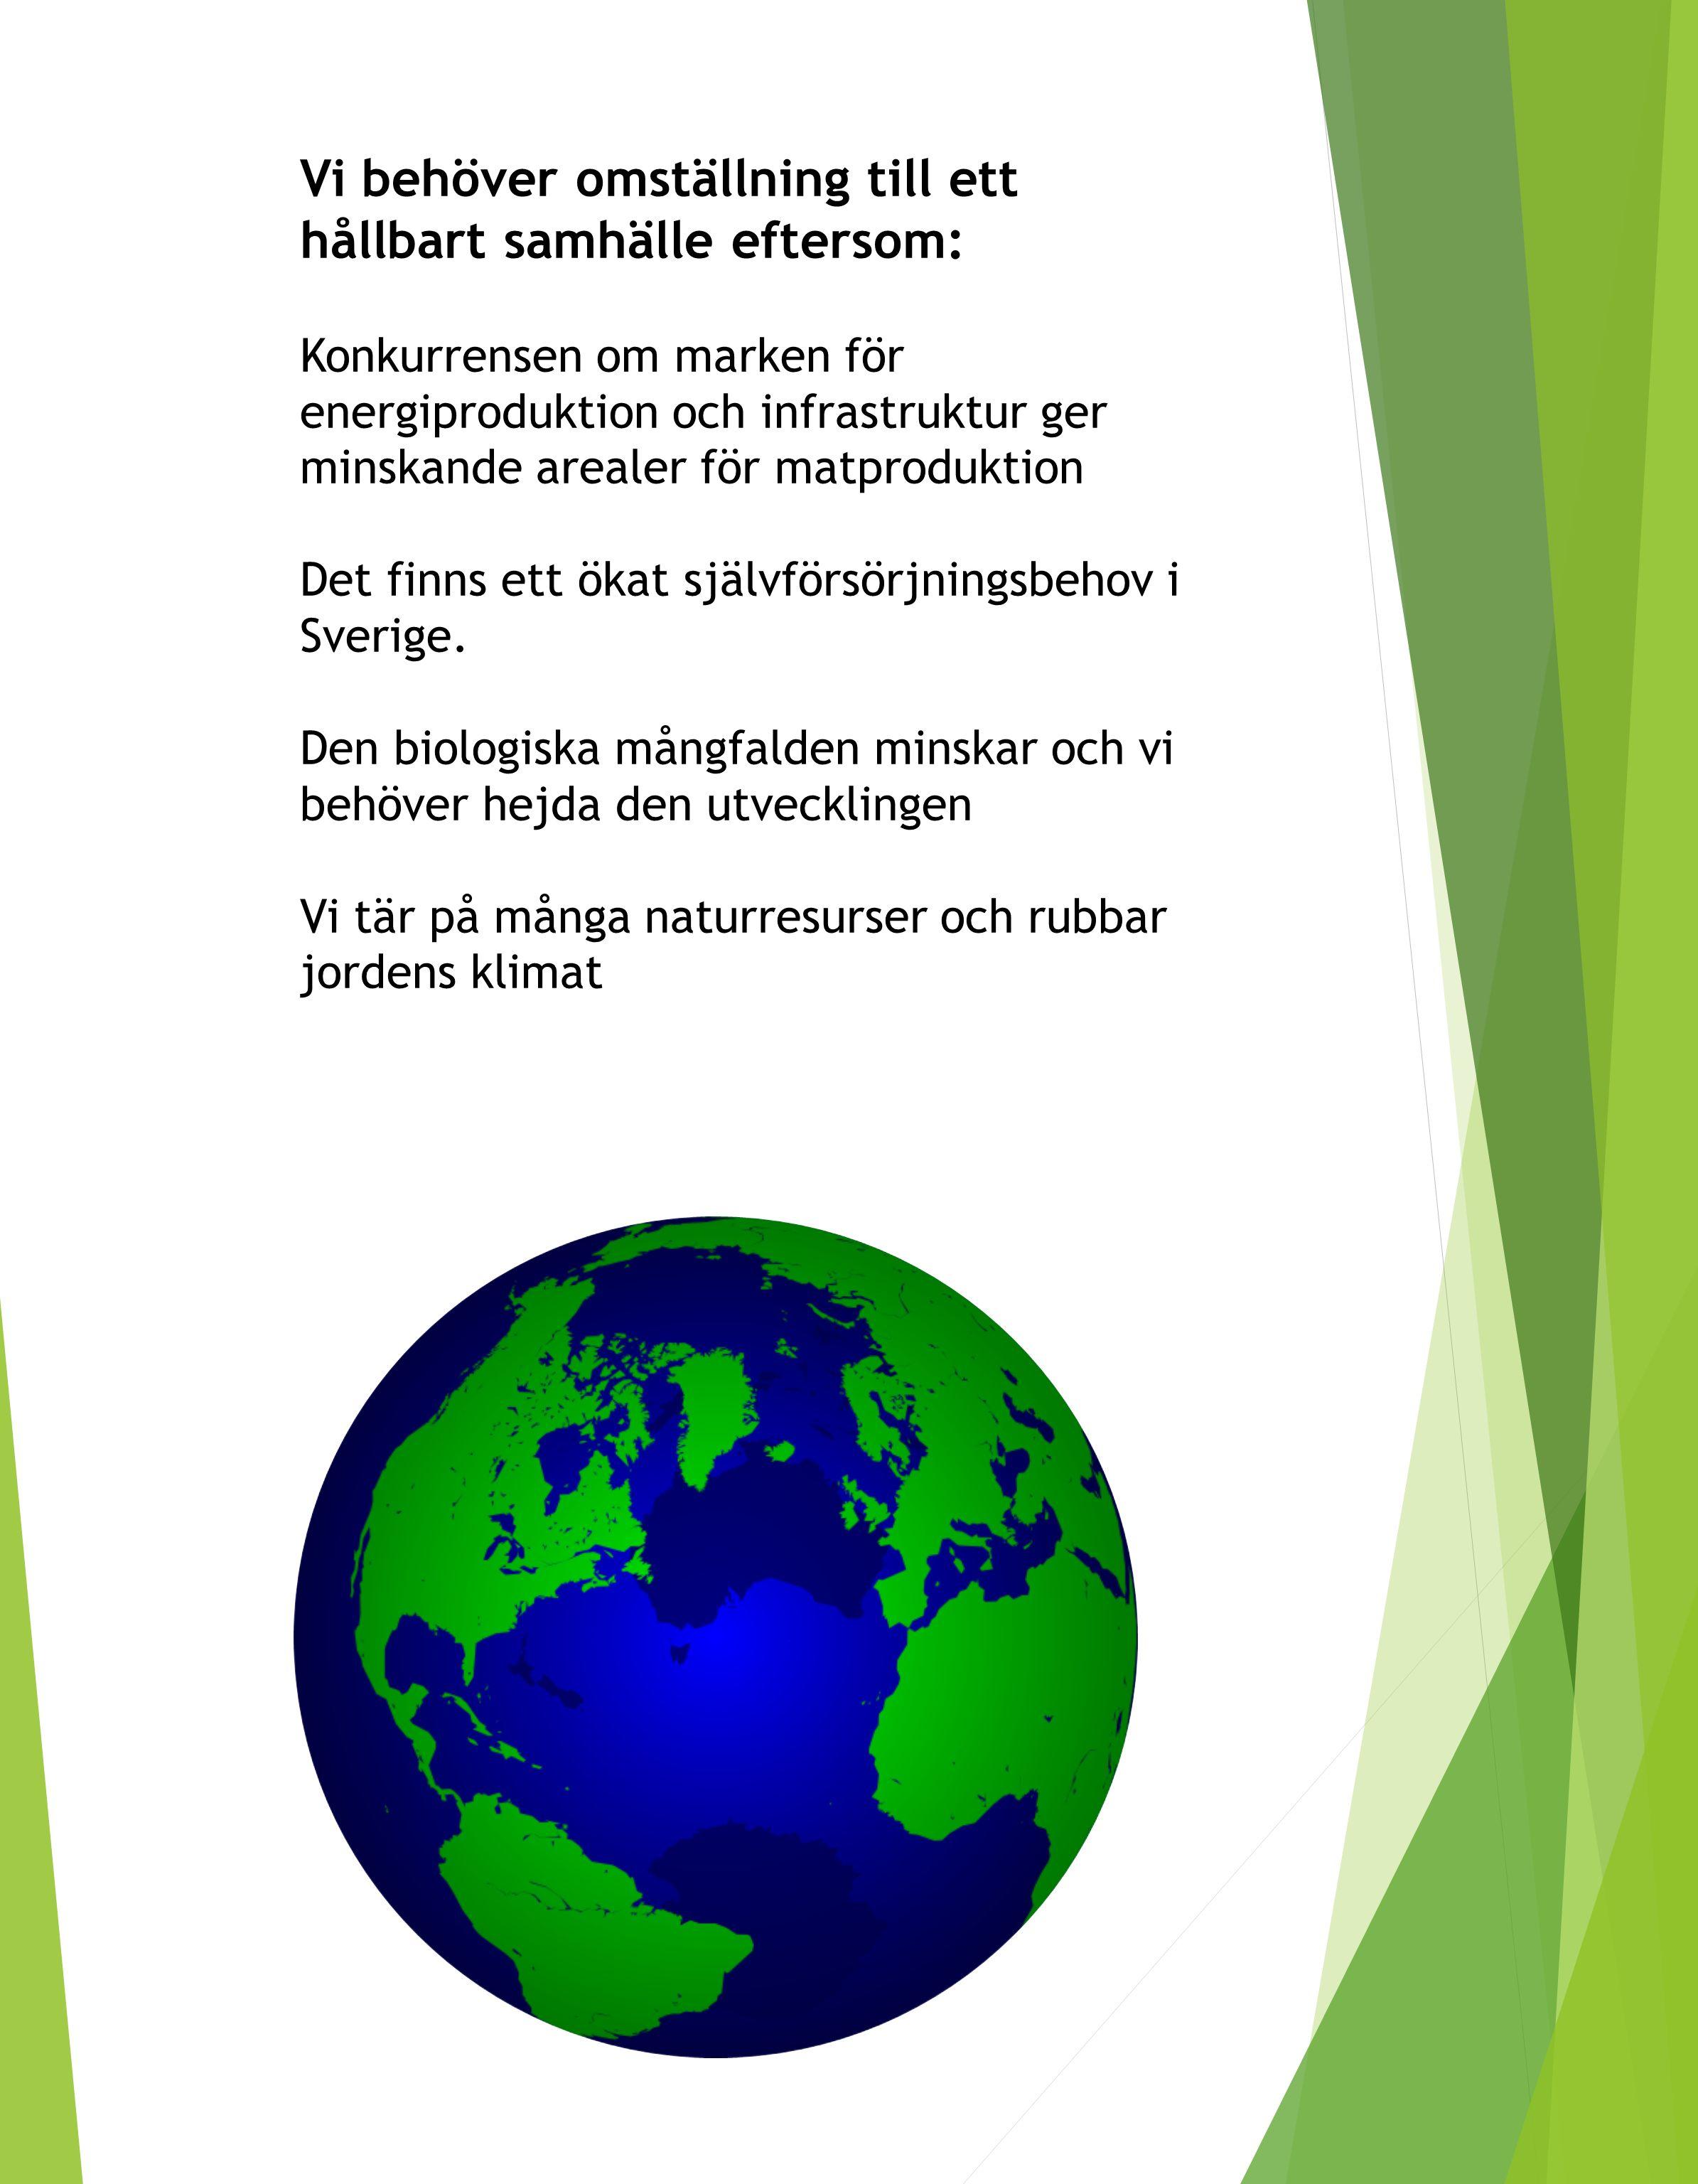 Vi behöver omställning till ett hållbart samhälle eftersom: Konkurrensen om marken för energiproduktion och infrastruktur ger minskande arealer för matproduktion Det finns ett ökat självförsörjningsbehov i Sverige.